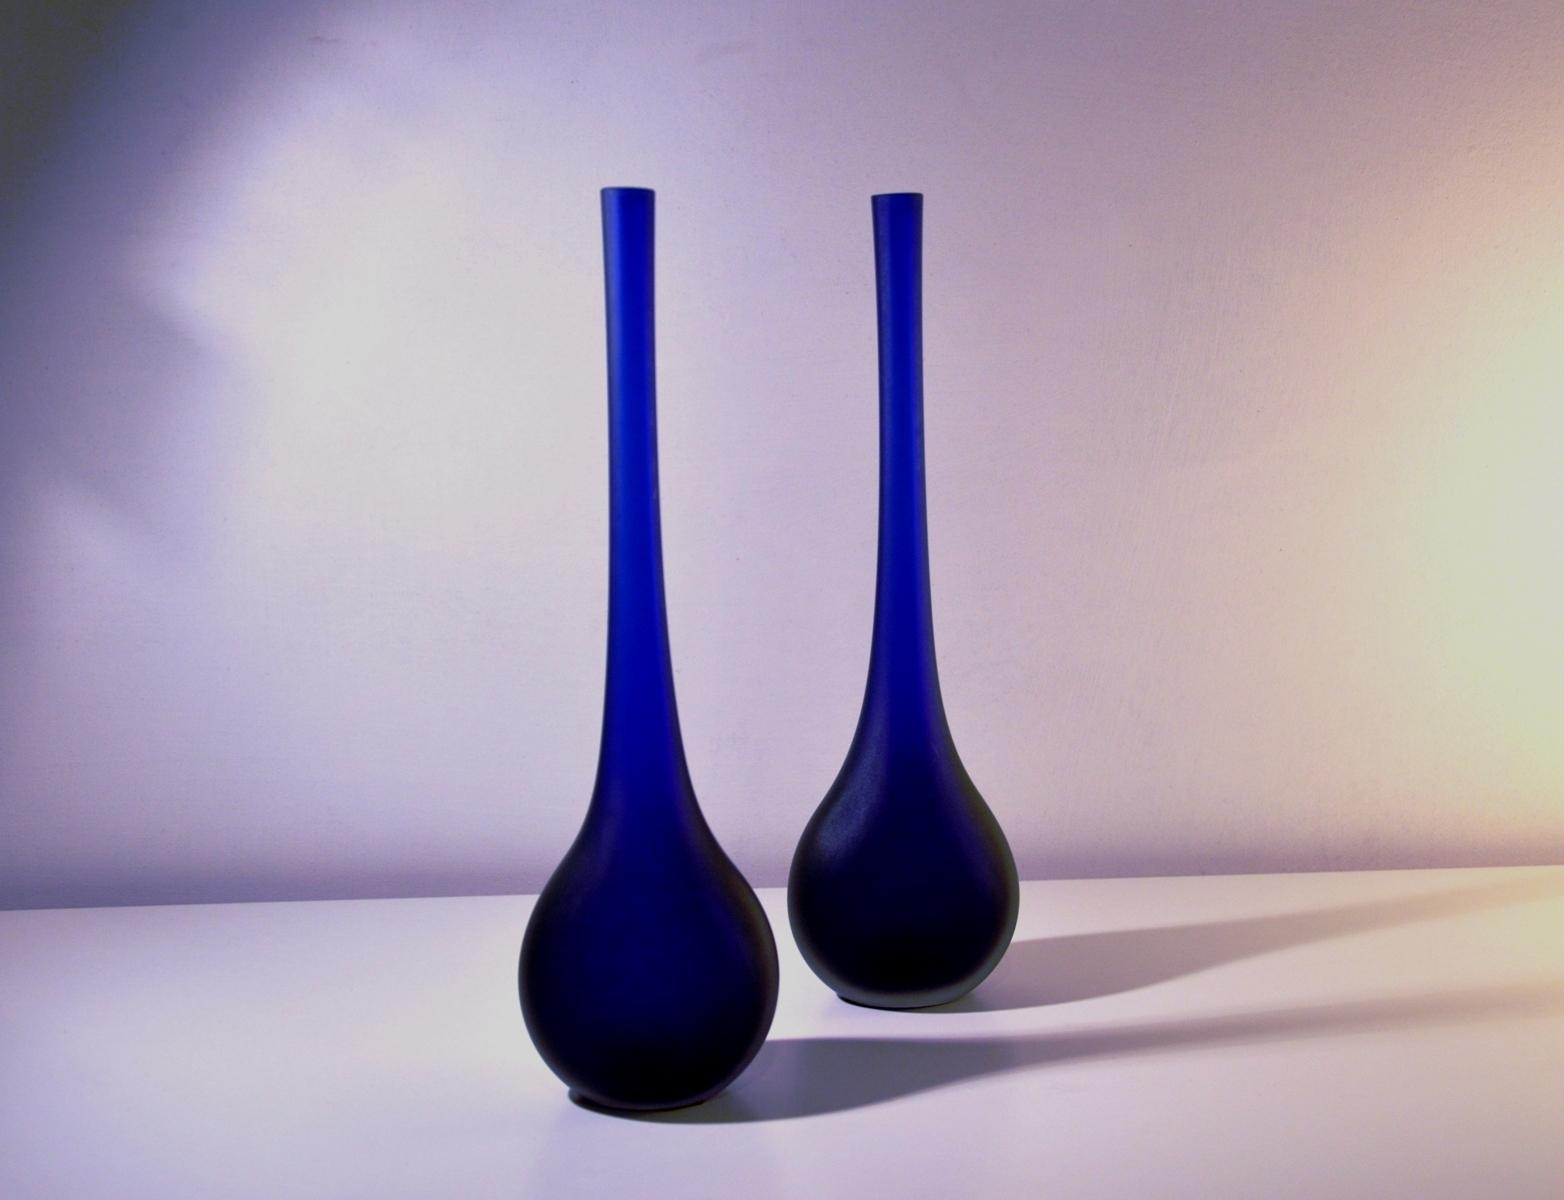 Offerta coppia vasi in vetro. - Complementi a prezzi scontati